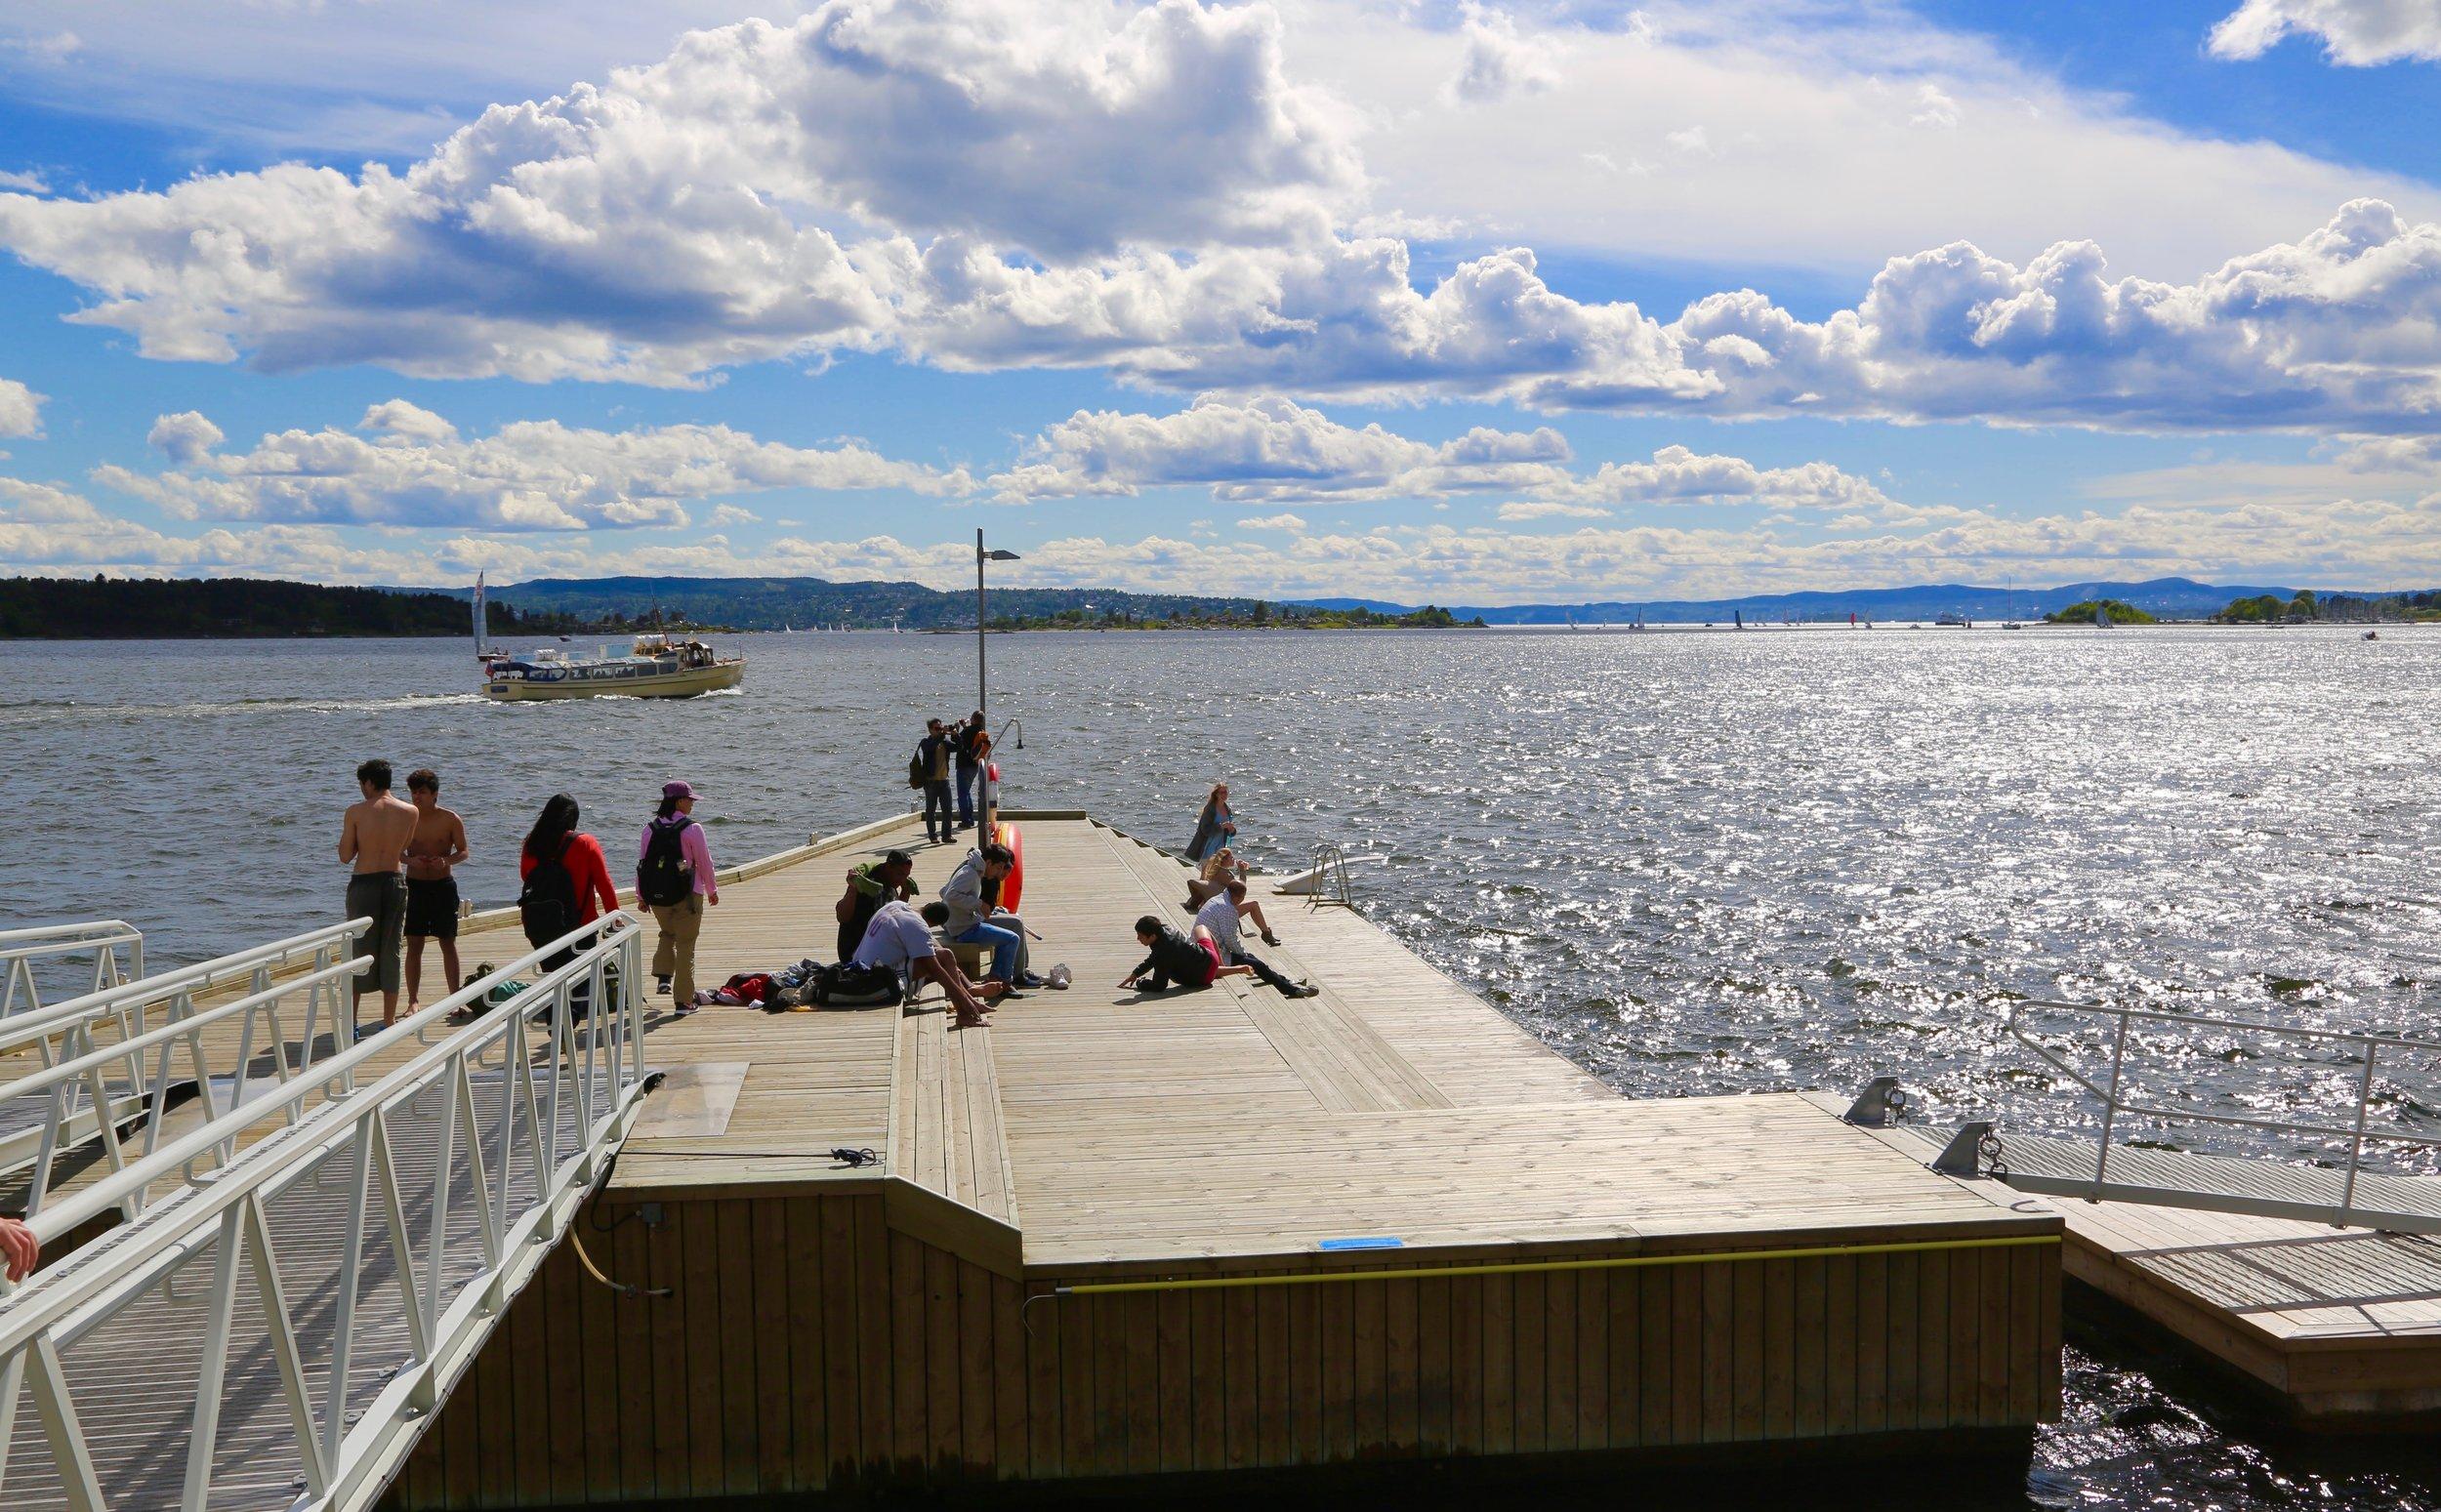 Gode opplevelser til vanns til lands i Oslo.                                           Foto: Odd Roar Lange